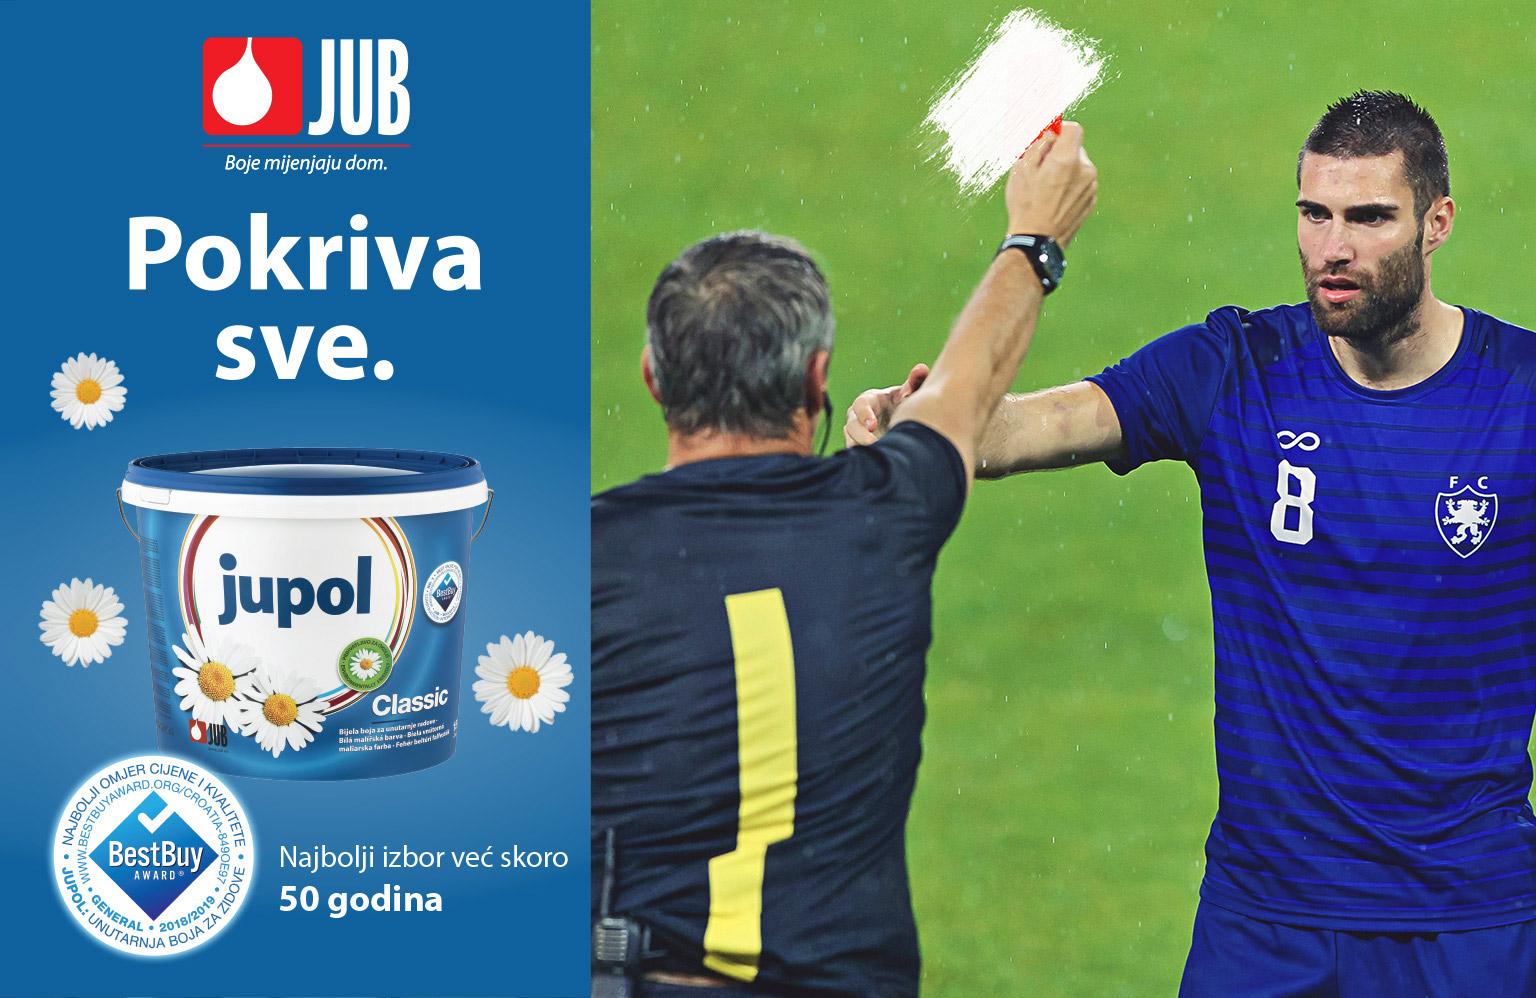 JUB - Pokriva sve